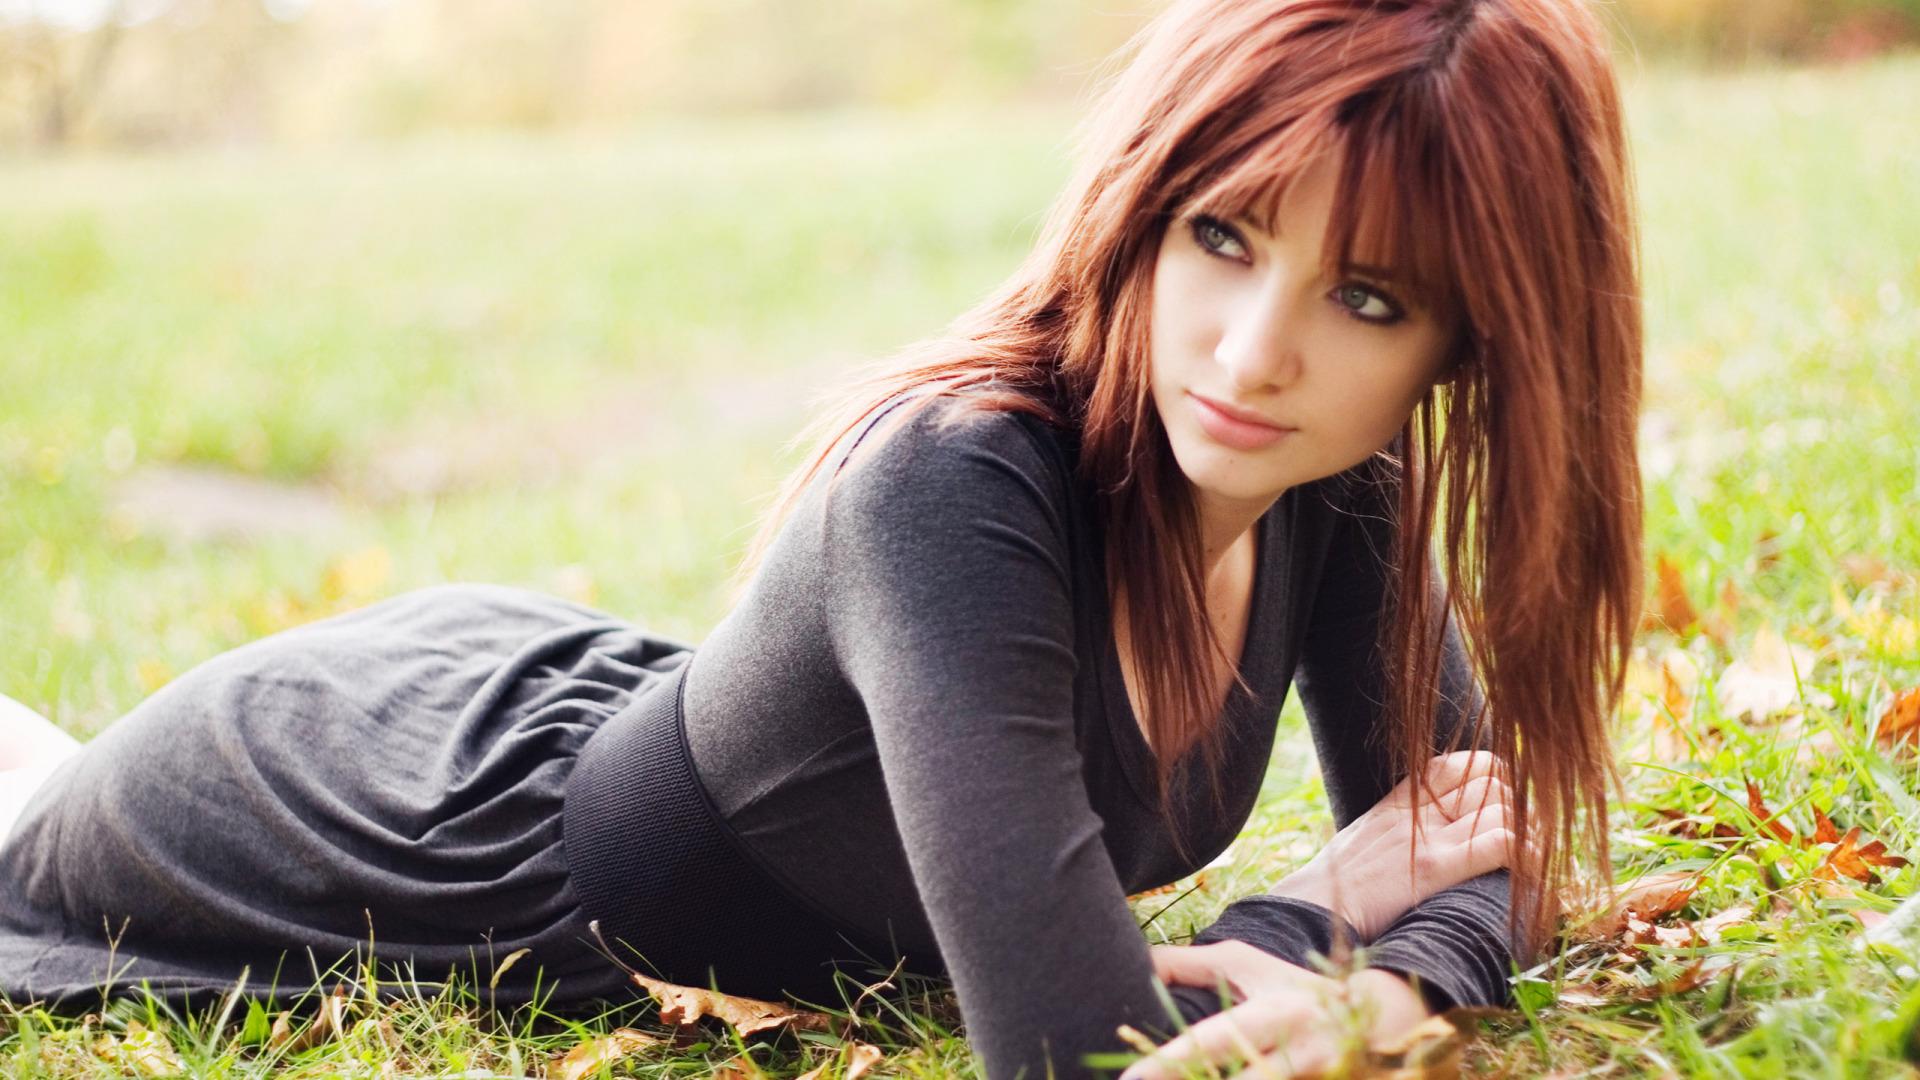 Girl girl redhead #8